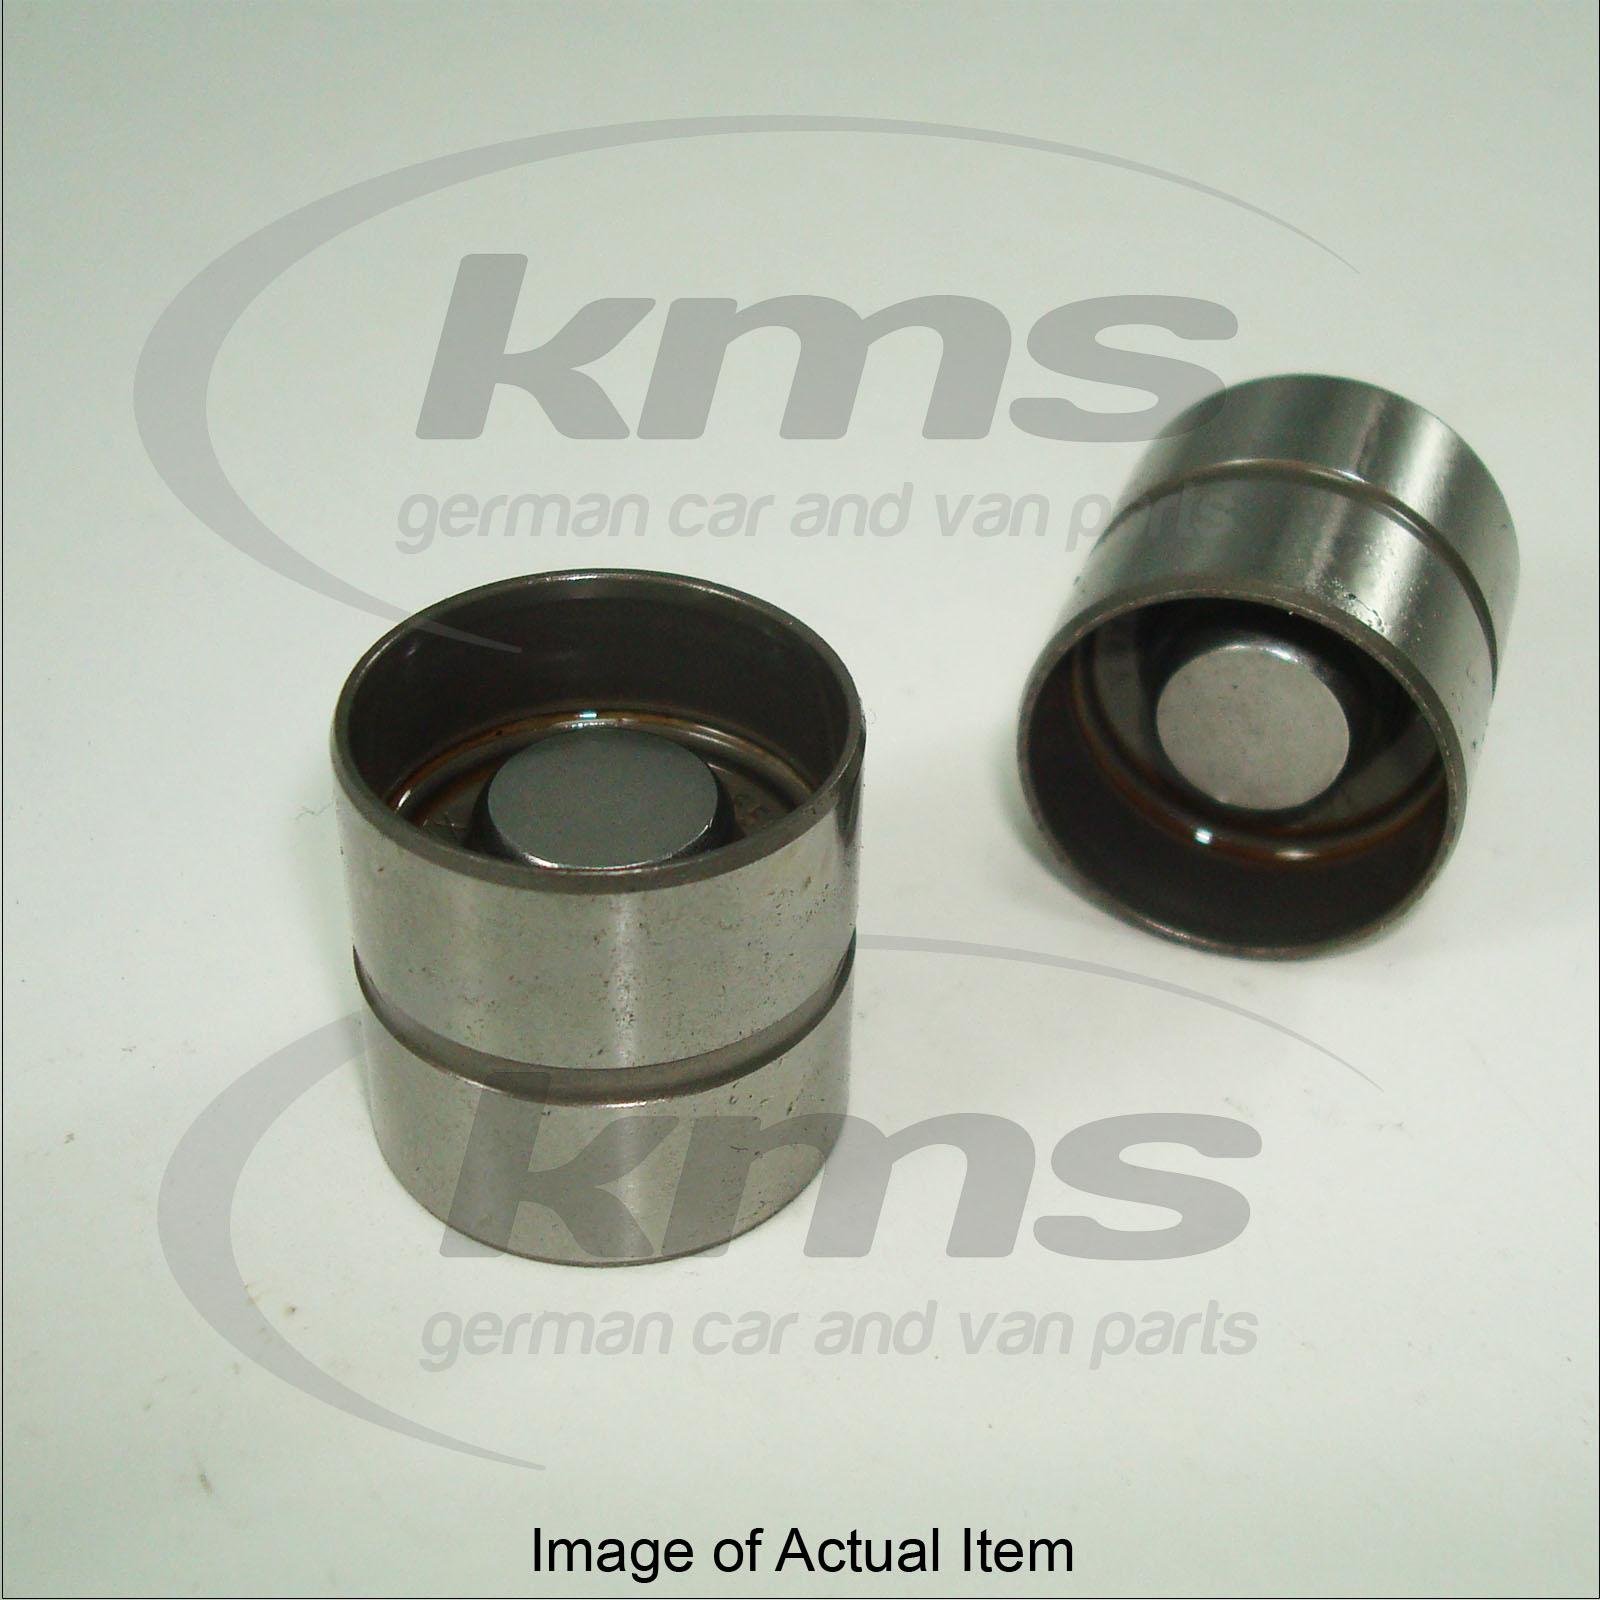 CAM FOLLOWER (HYD) A3,A4,A6,A8,PA4,SH 95- INLET ONLY VW PASSAT (MK4) SALOON 96-0